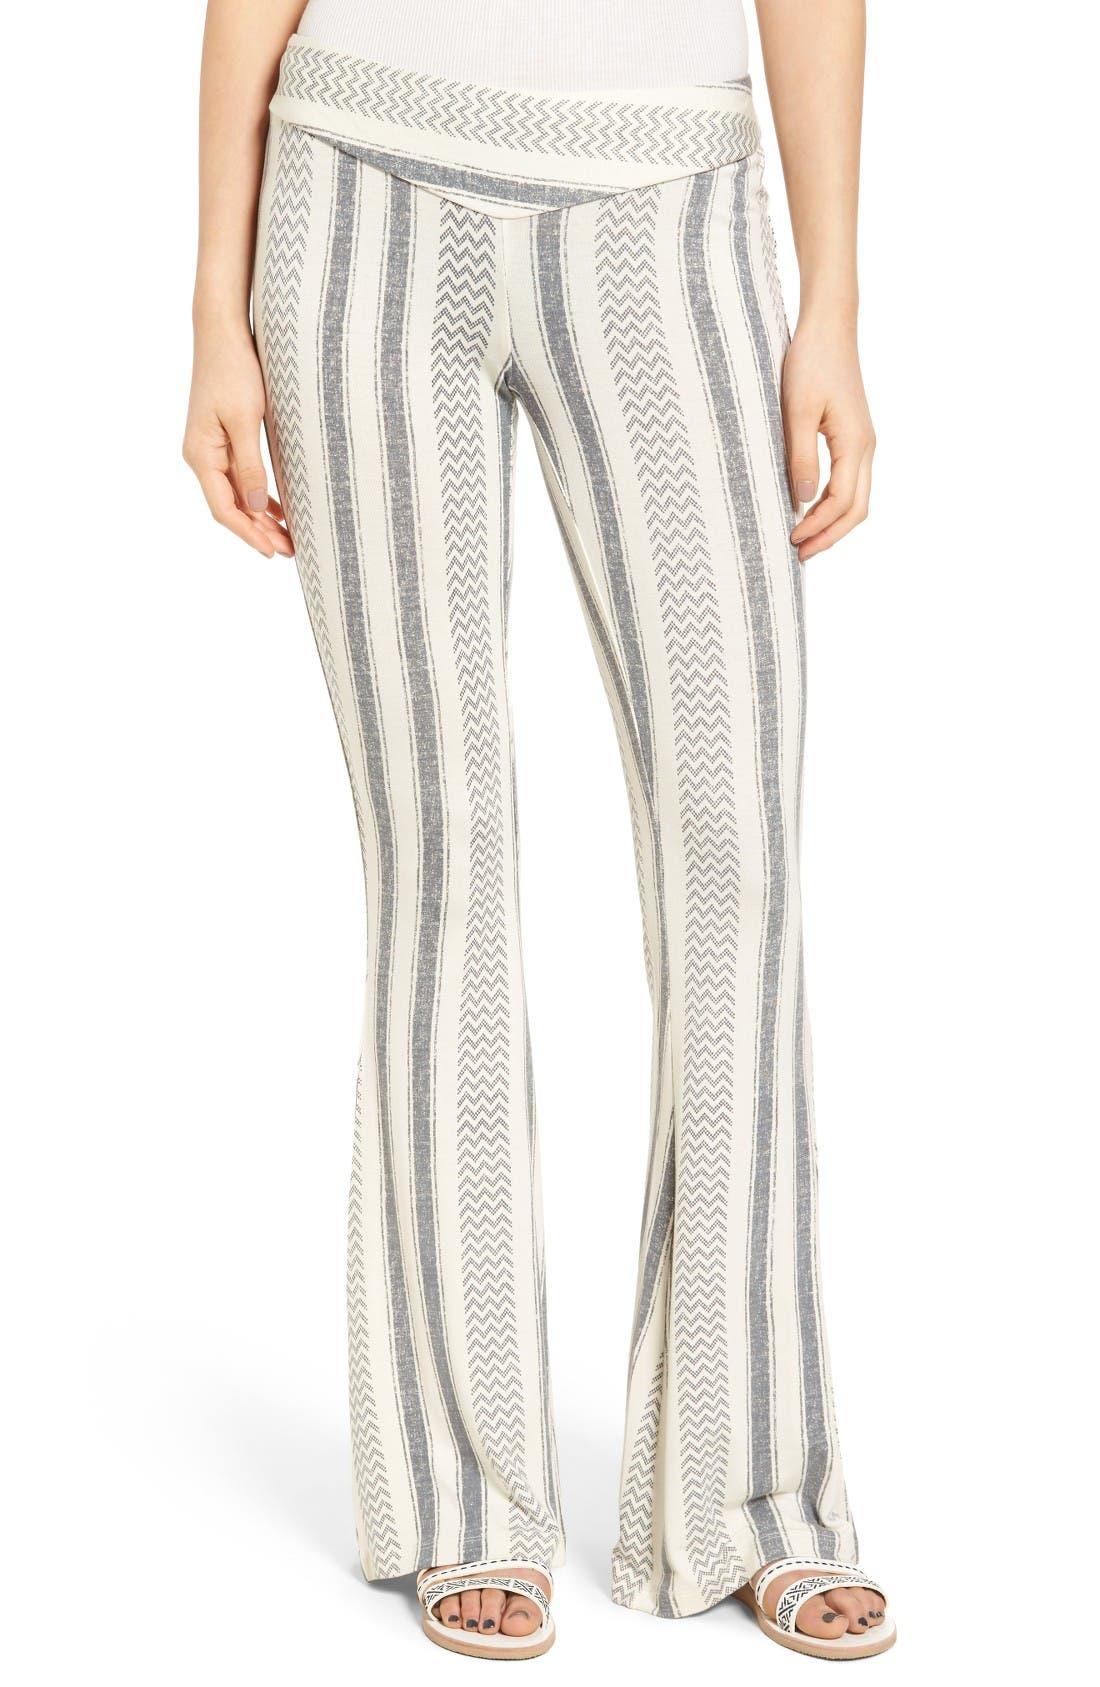 Alternate Image 1 Selected - Rip Curl Del Sol Flare Beach Pants